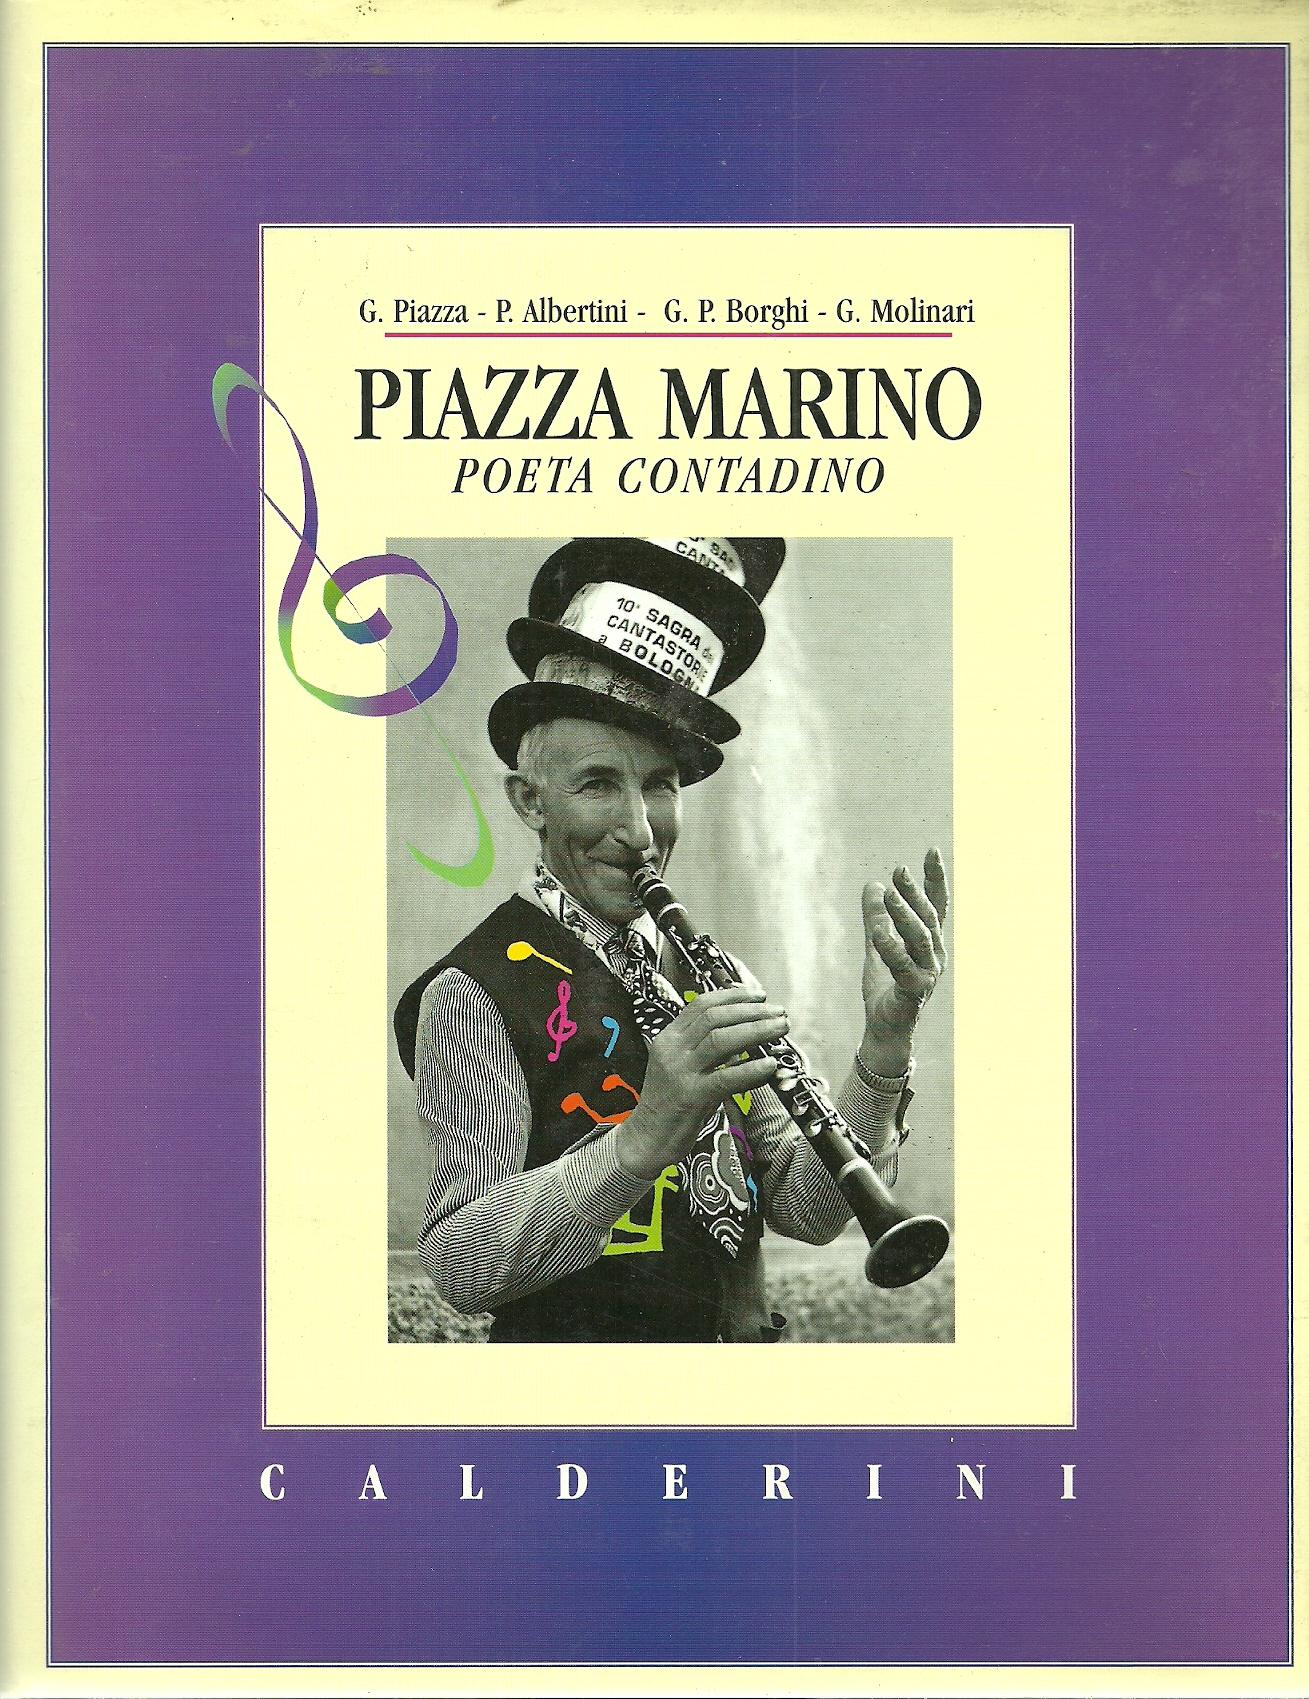 Piazza Marino